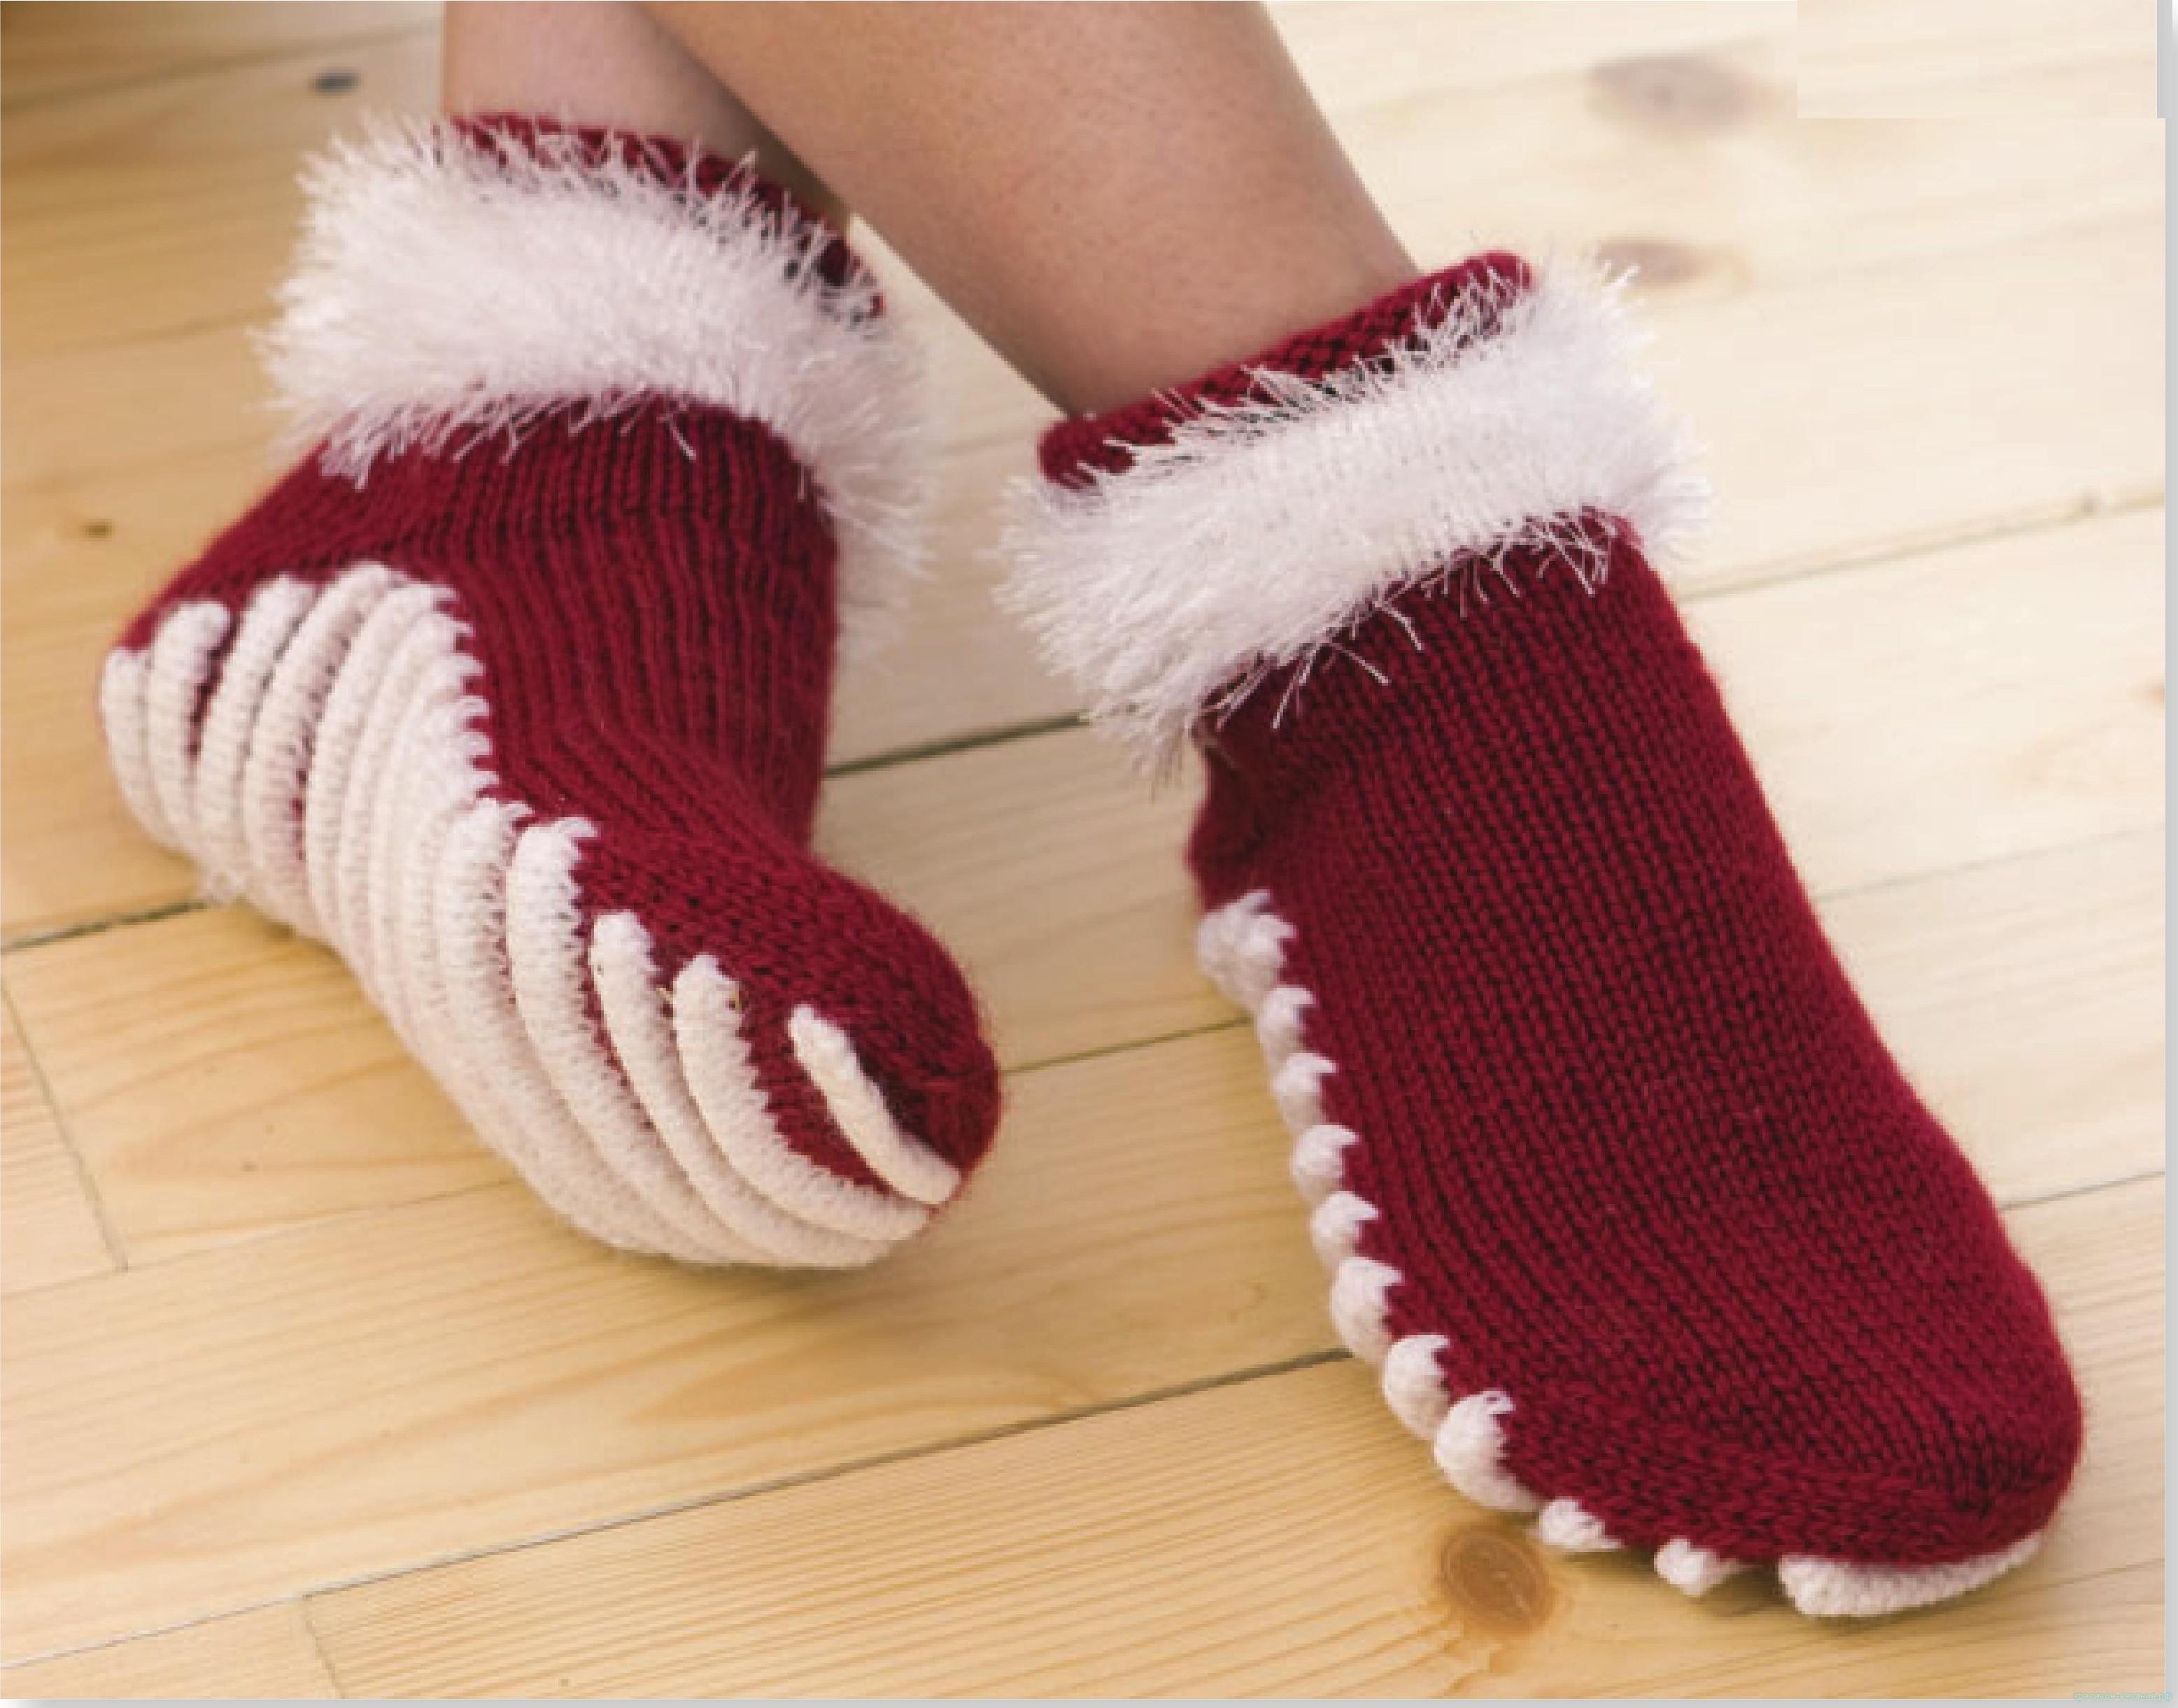 Тапки-носки или носки с подошвой. Вяжем спицами